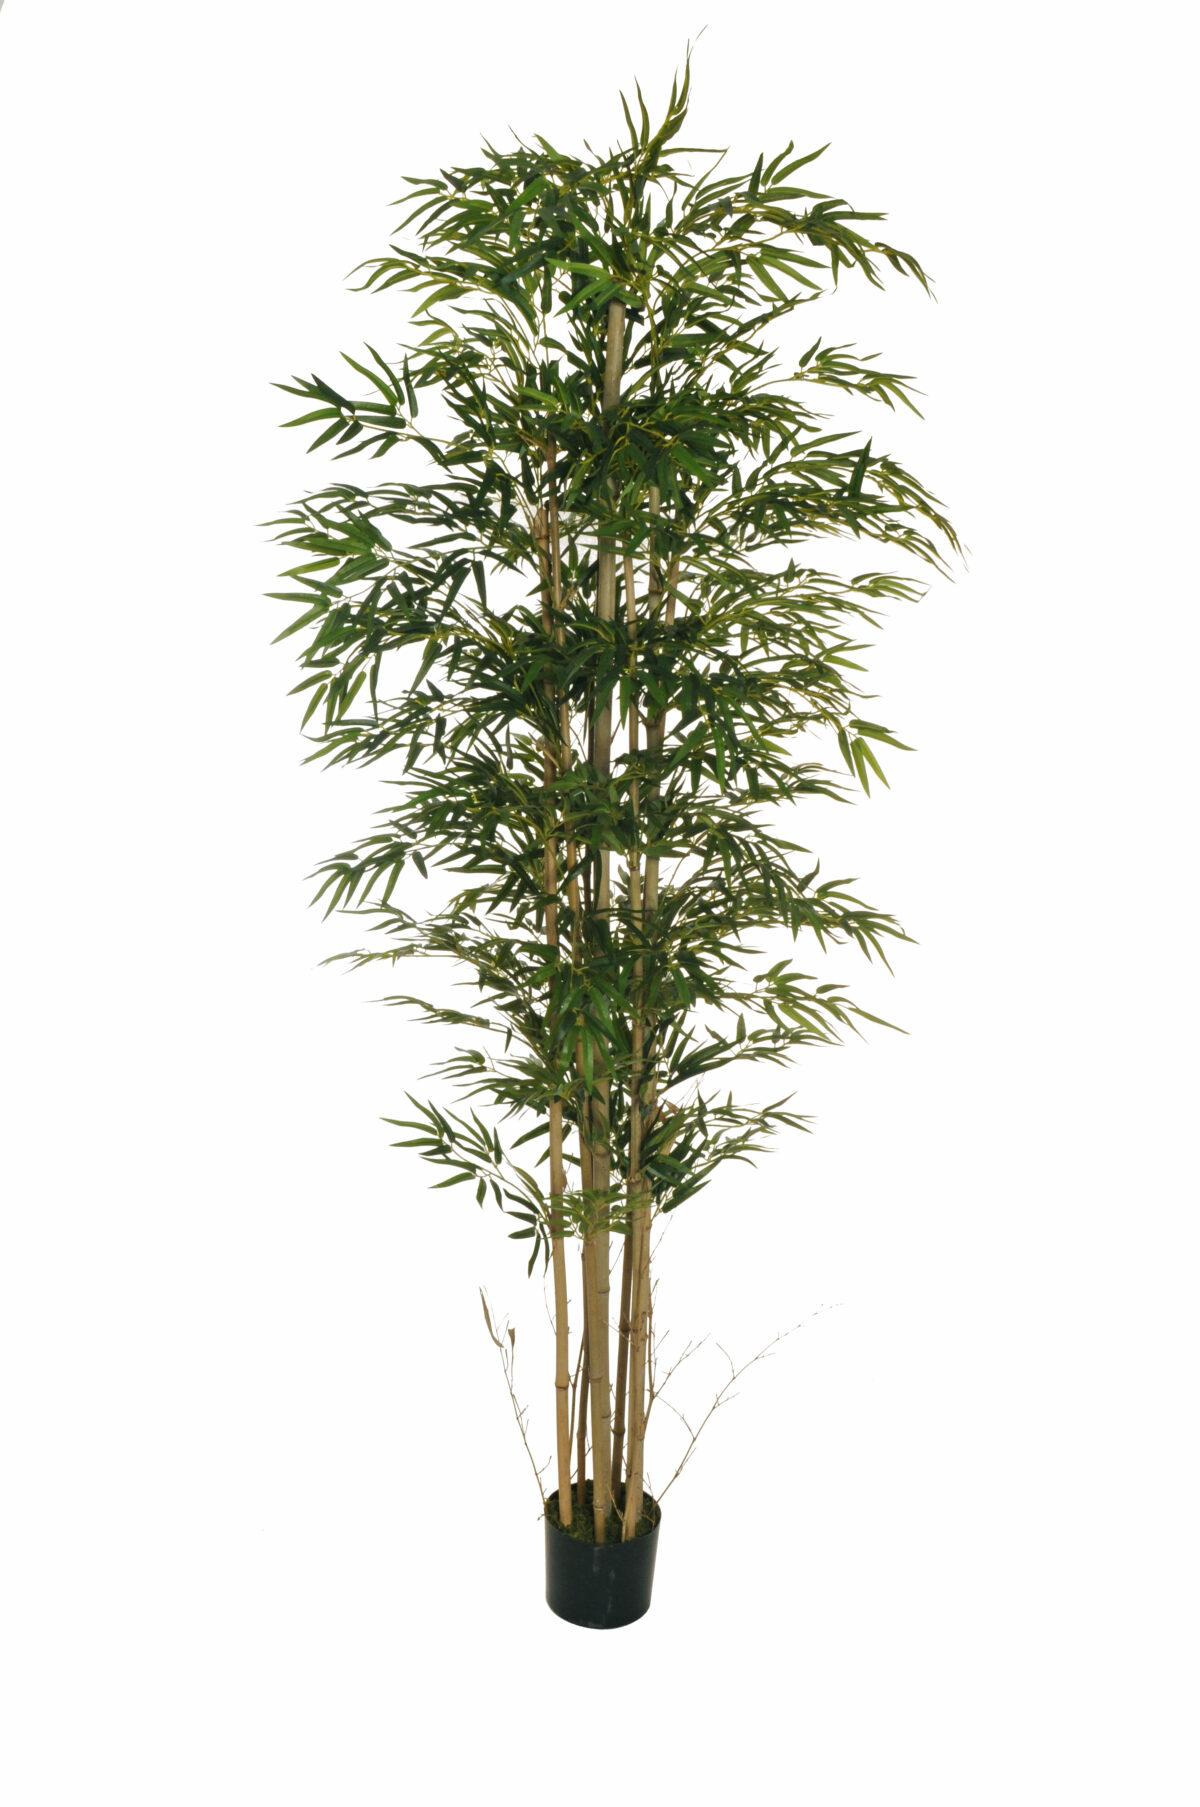 Pianta di Bamboo artificiale h. 210 cm con 2700 foglie e 10 tronchi naturali